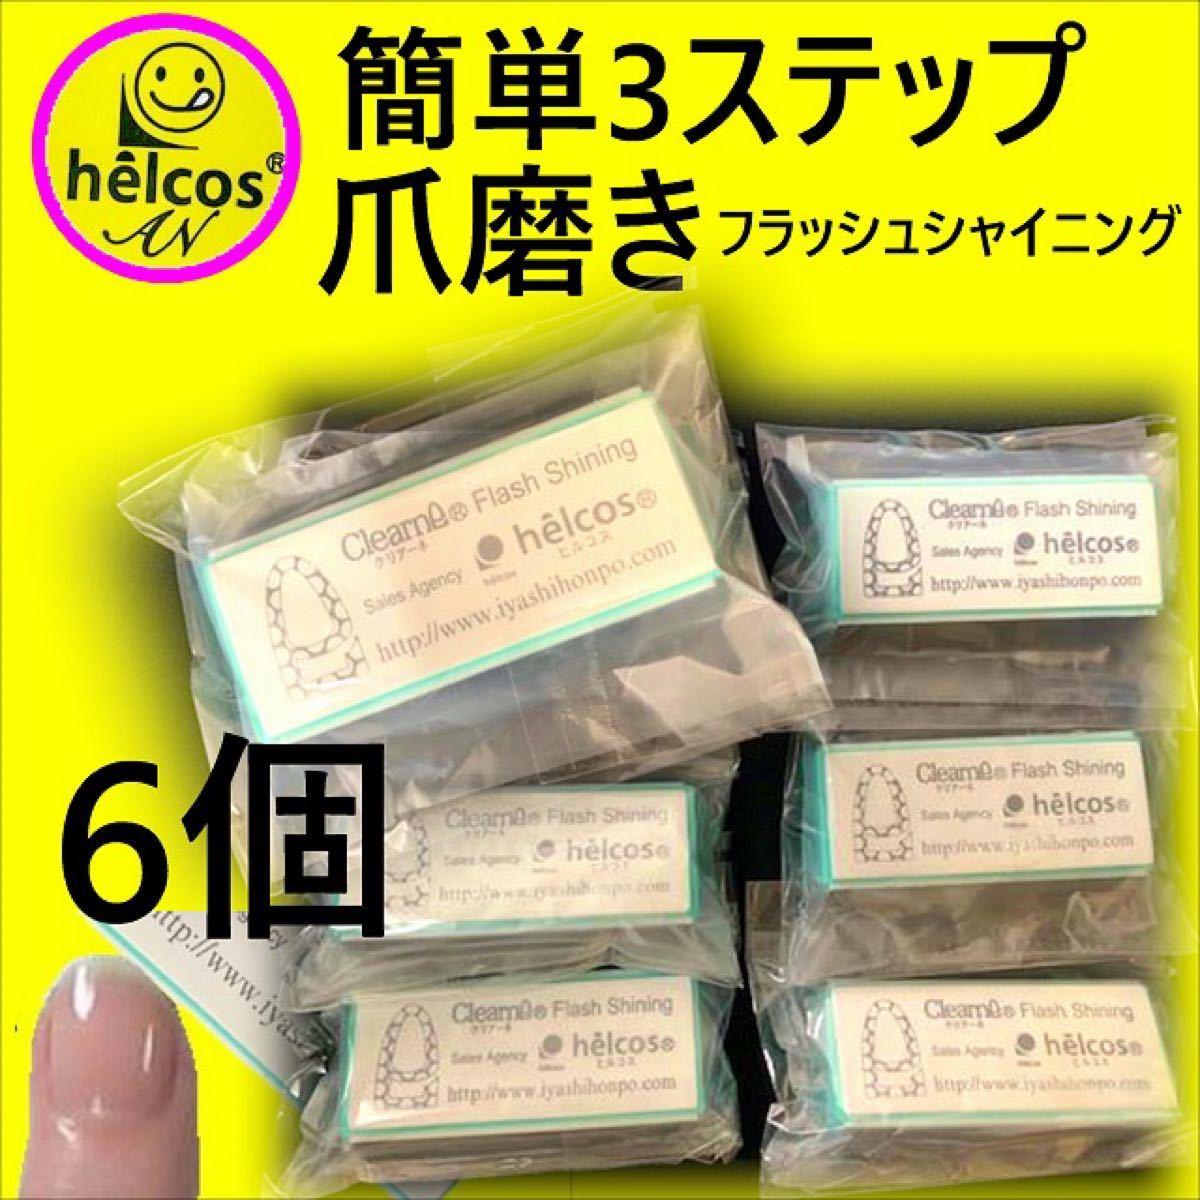 ネイルケア ネイル 美容液 爪磨き ヒルコス 癒本舗【フラッシュシャイニング】